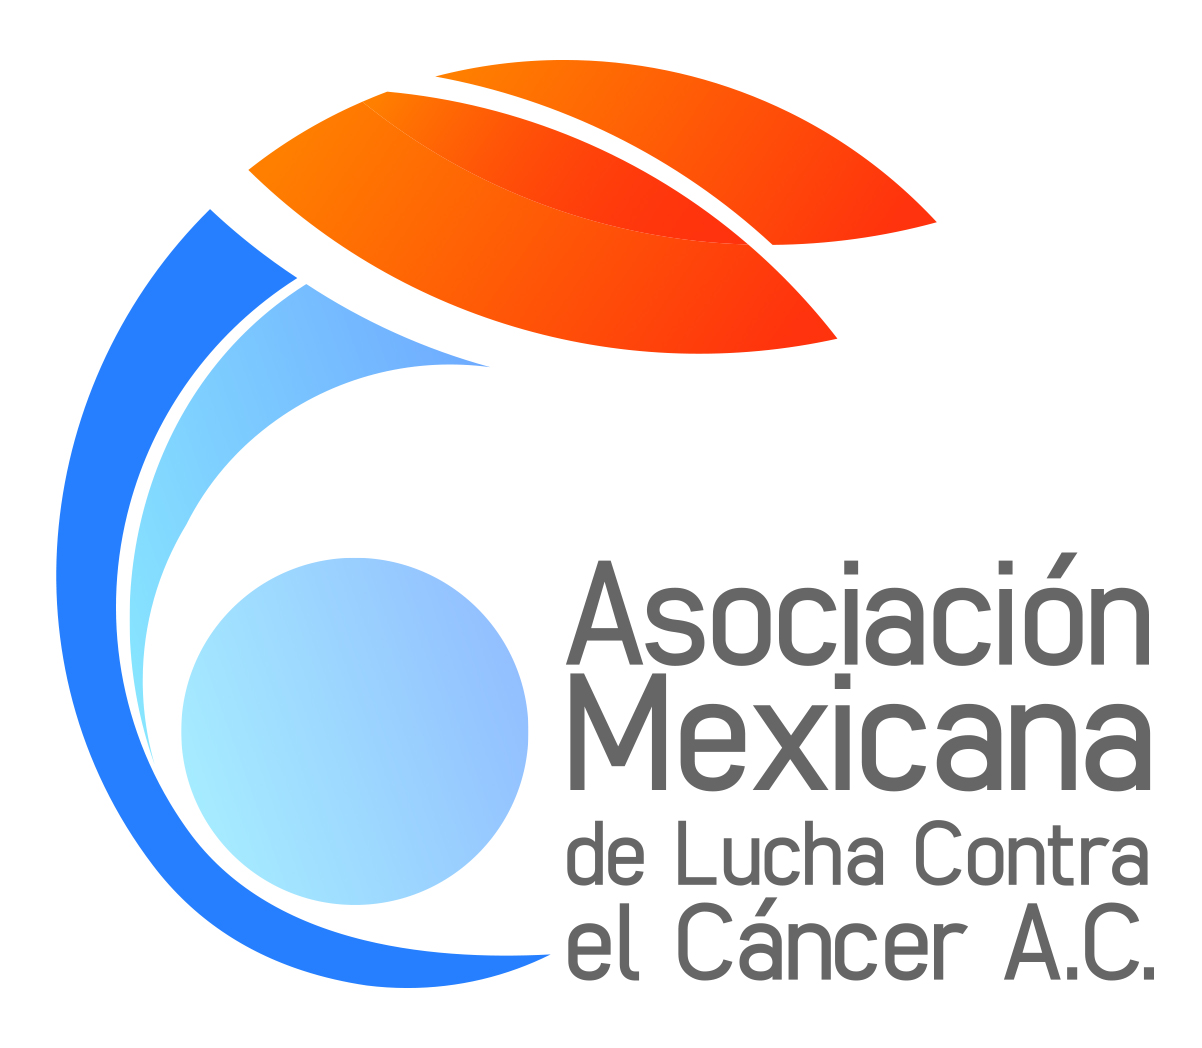 La Asociación Mexicana de Lucha Contra el Cáncer